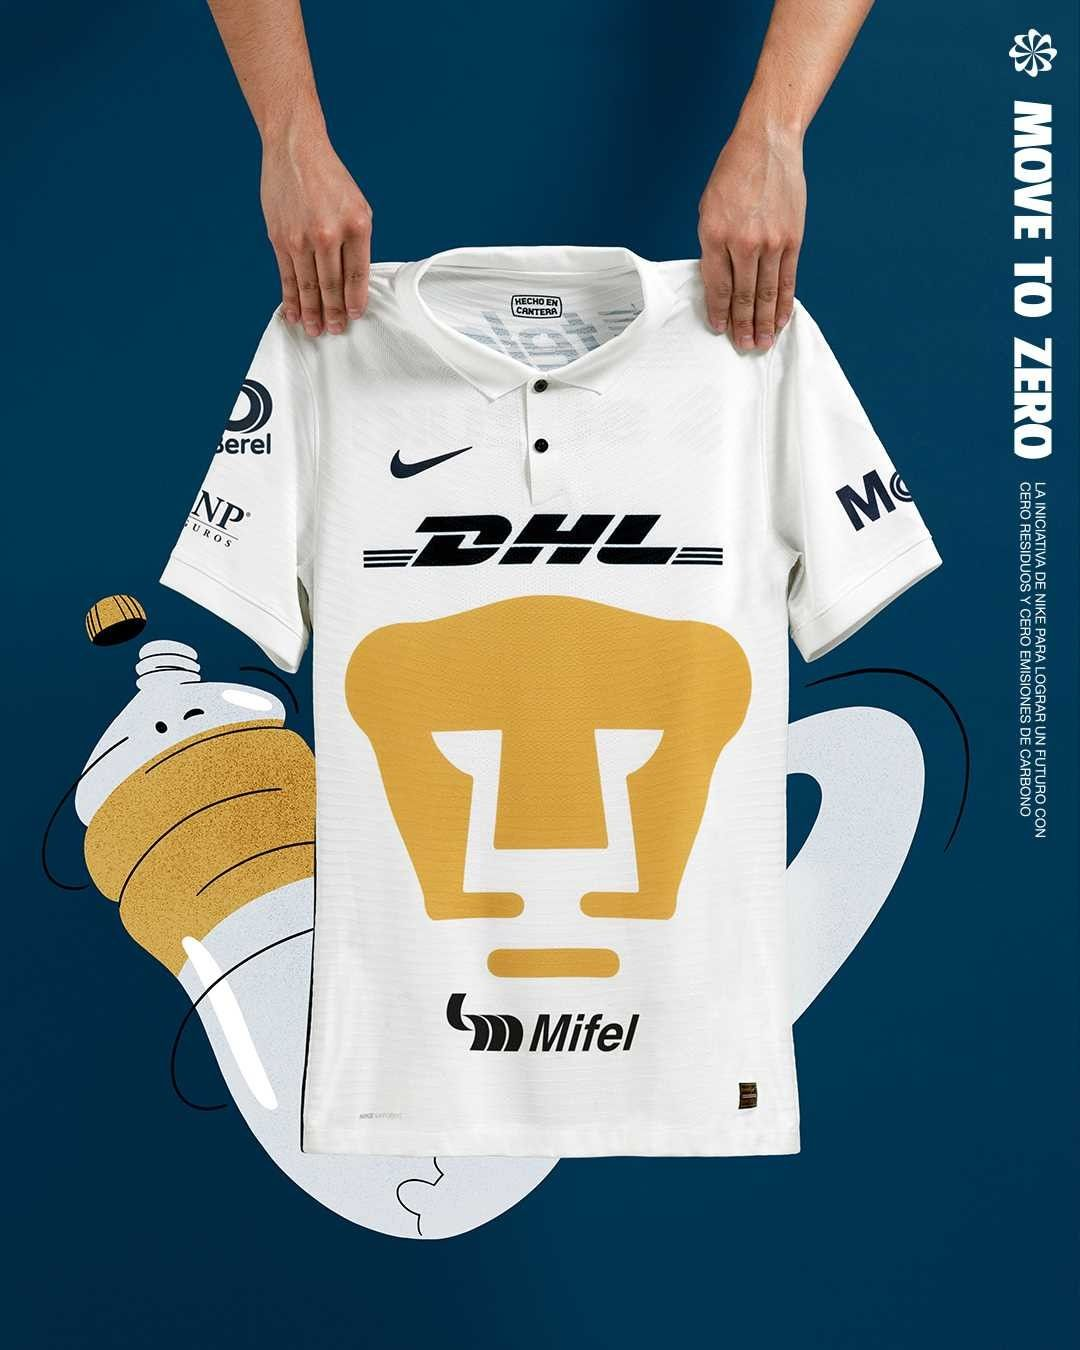 Camisas do Pumas UNAM 2021-2022 Nike